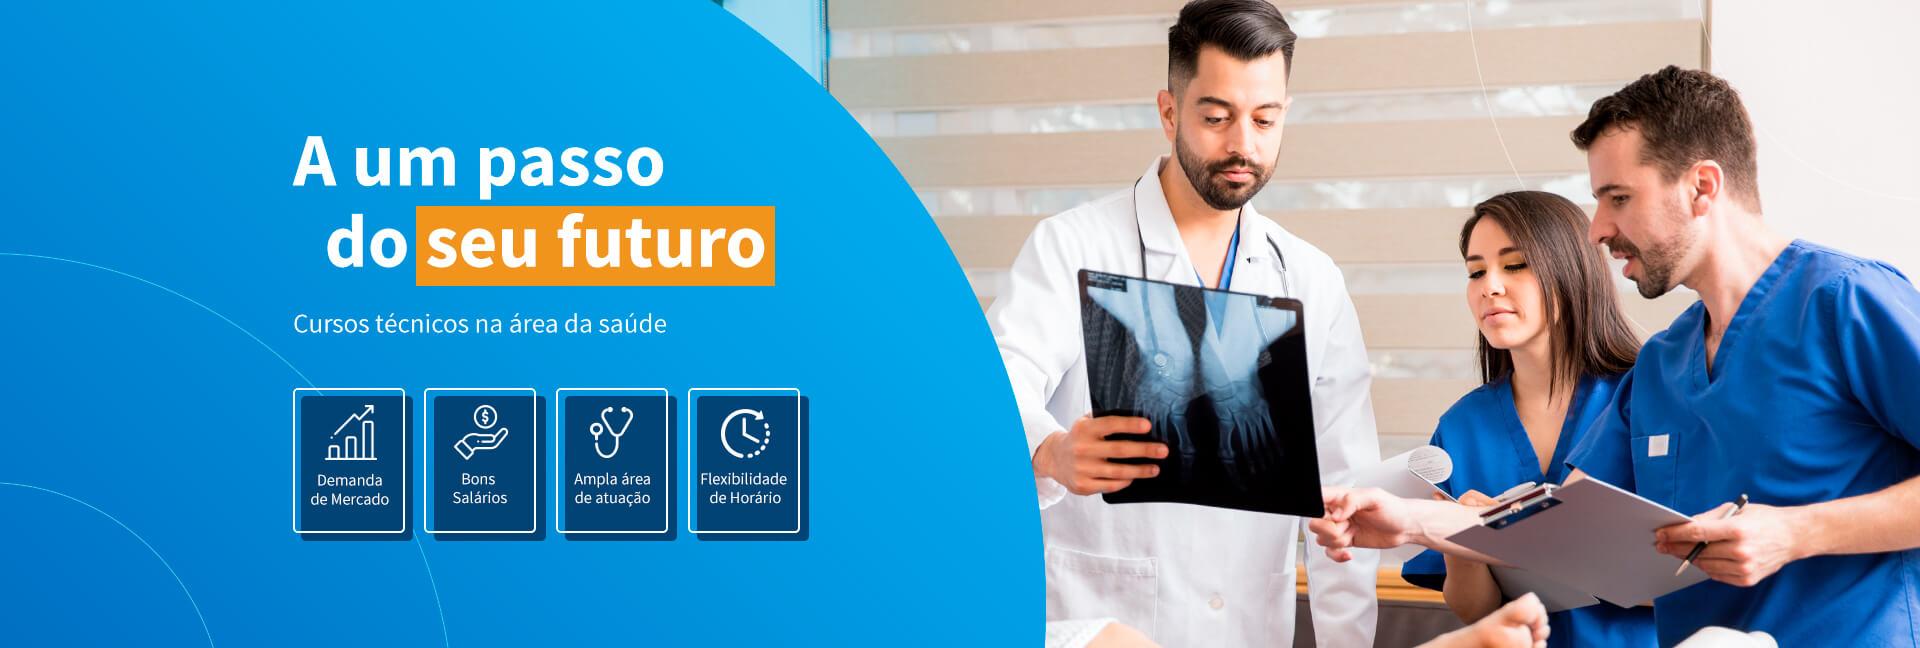 Cursos Técnicos na Área da Saúde no Hospital Oswaldo Cruz